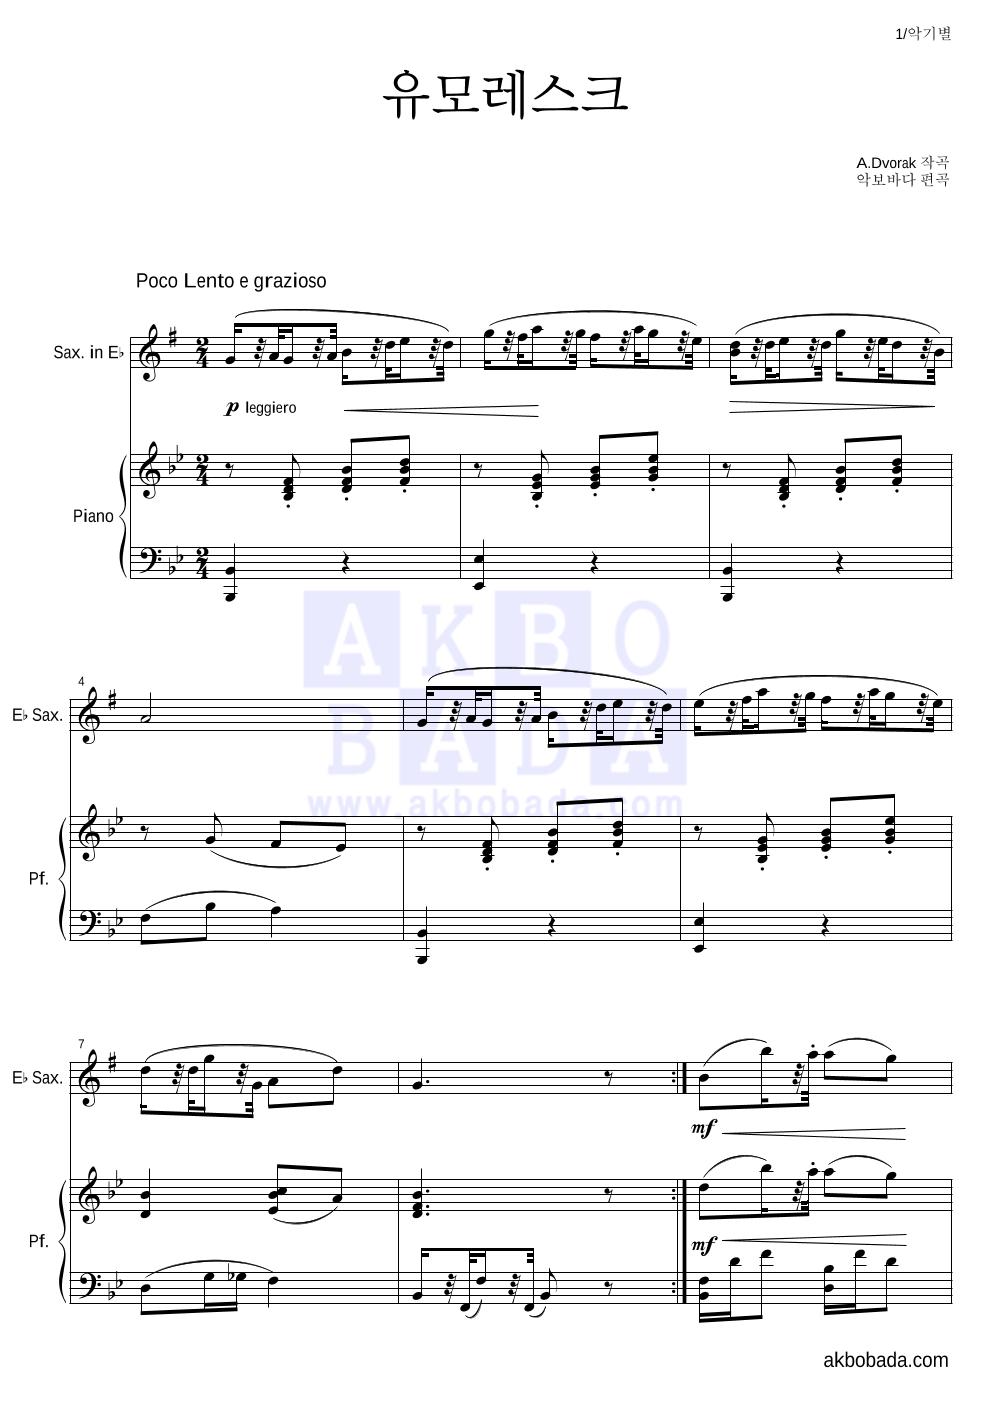 드보르작 - 유모레스크 Eb색소폰&피아노 악보